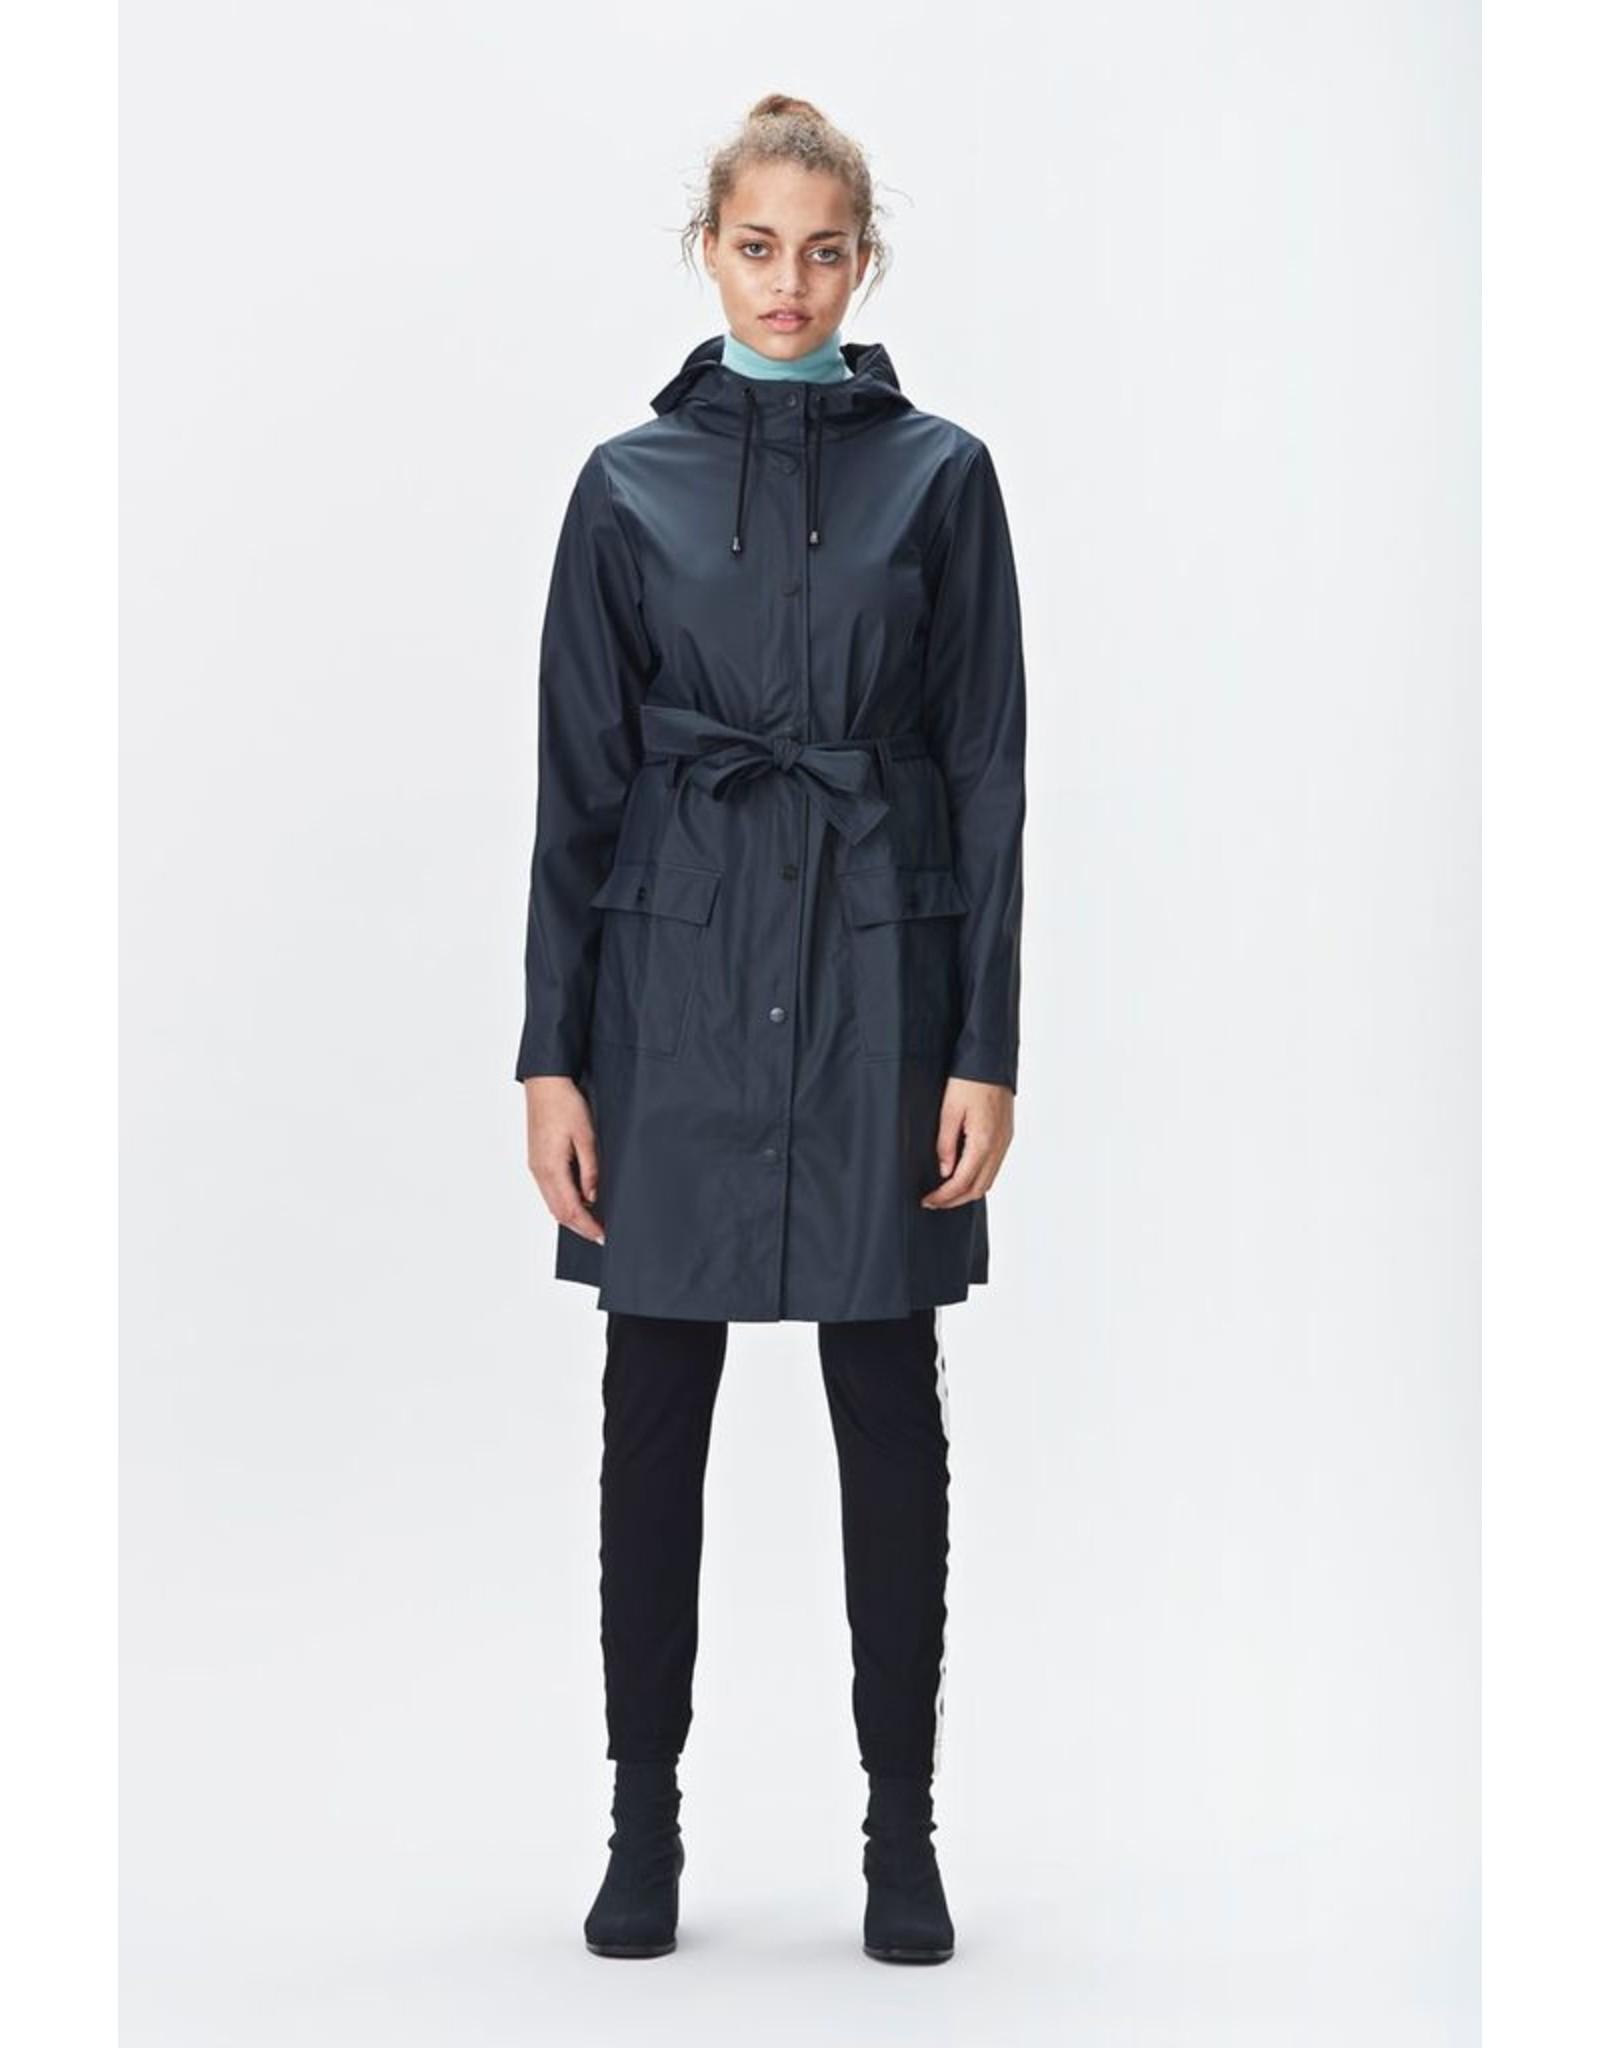 Rains Women's Waterproof Curve Jacket